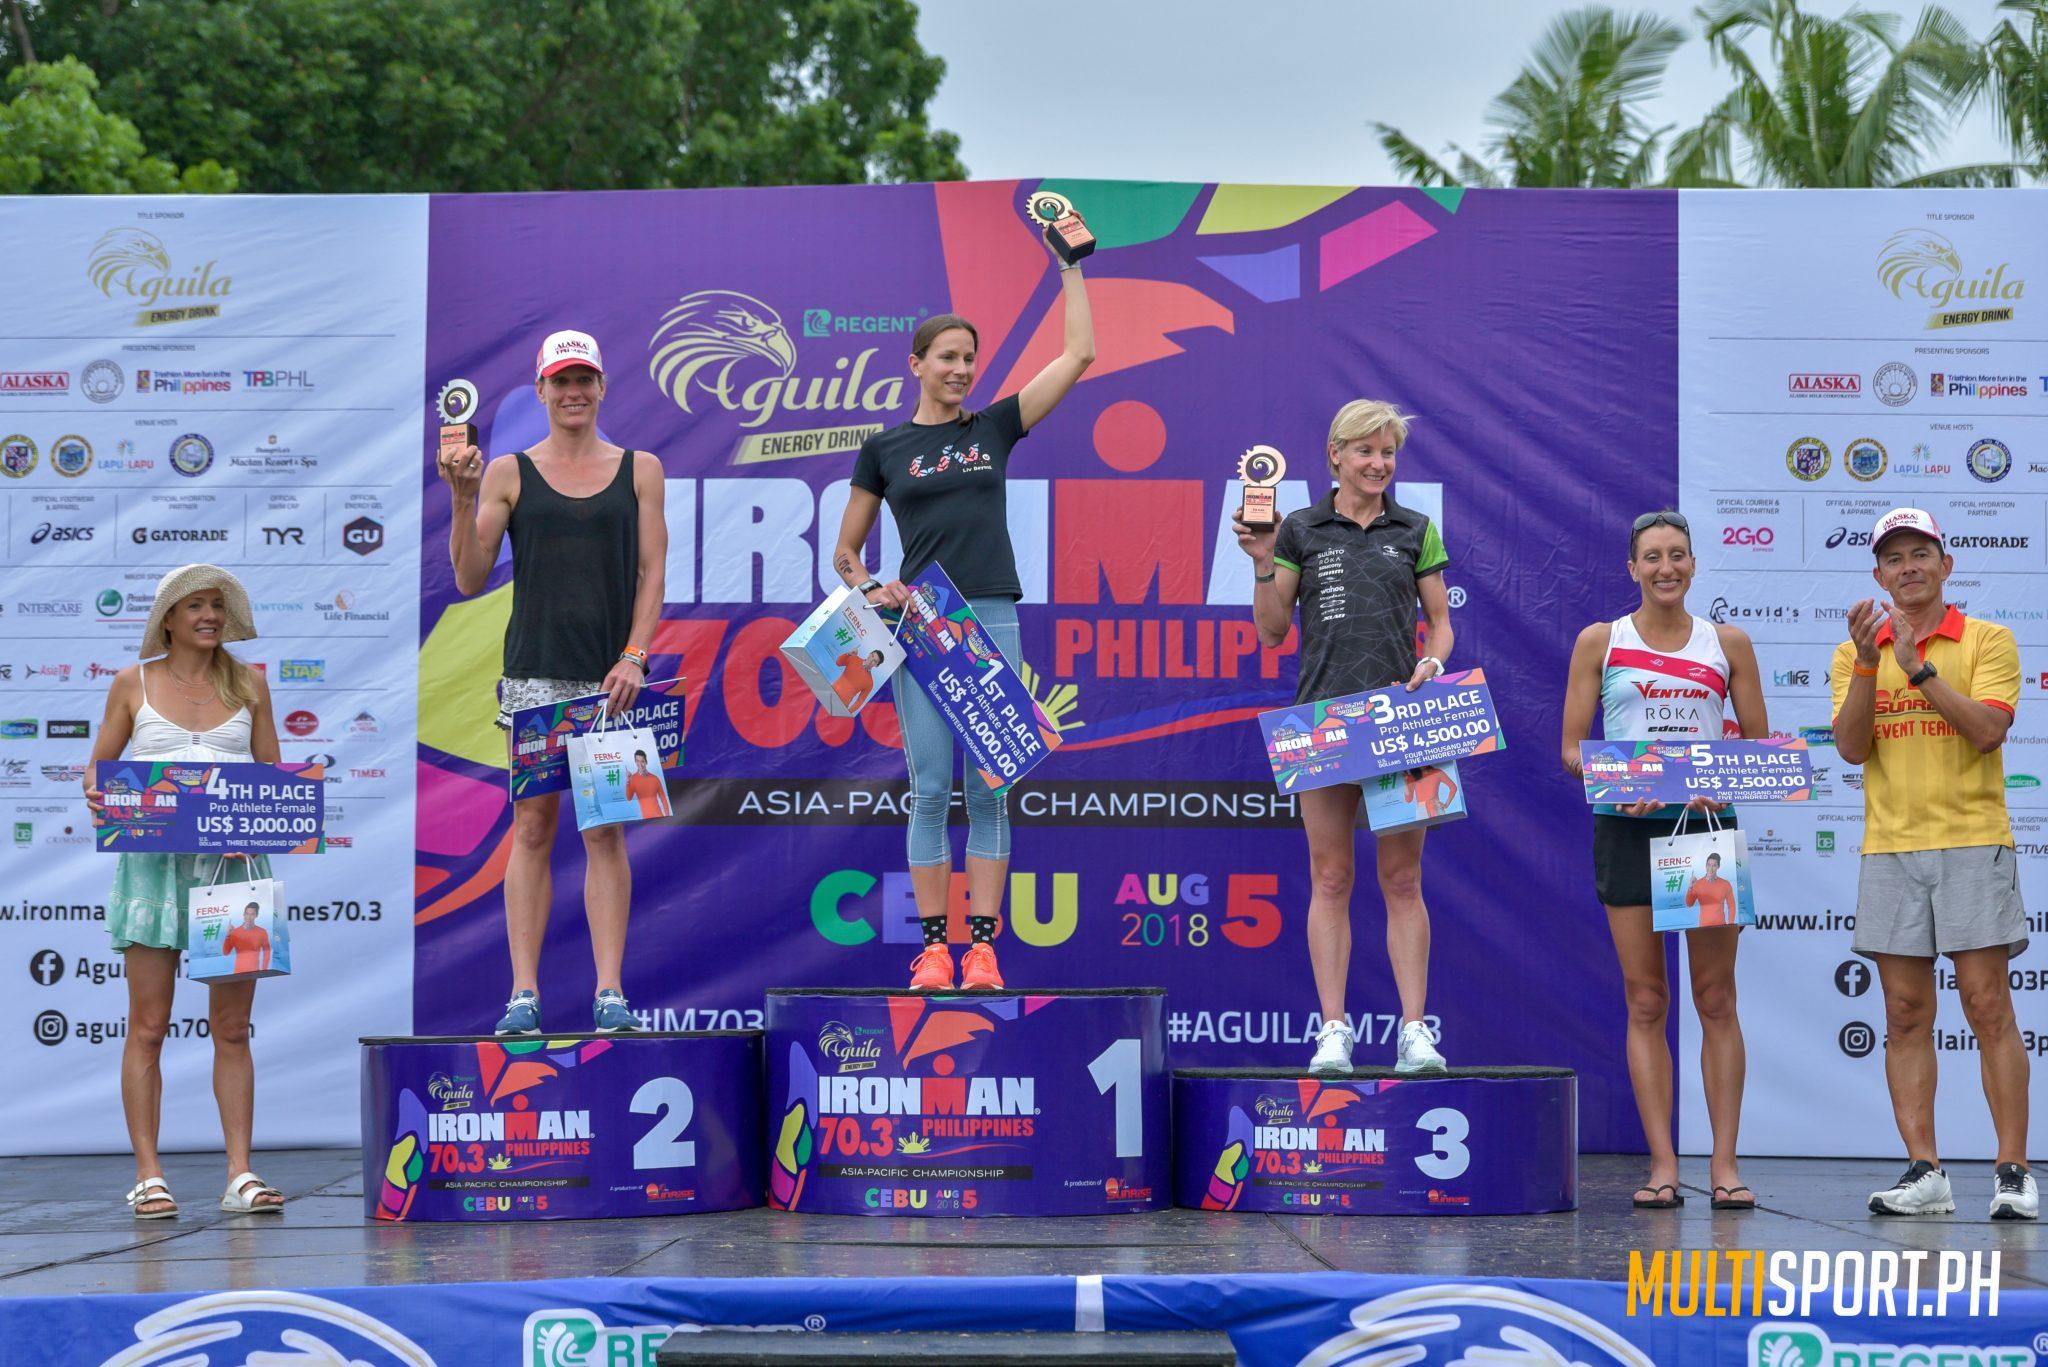 Radka Kahlefeldt sharing the podium with Caroline Steffen (second) and Melissa Hauschildt (third)